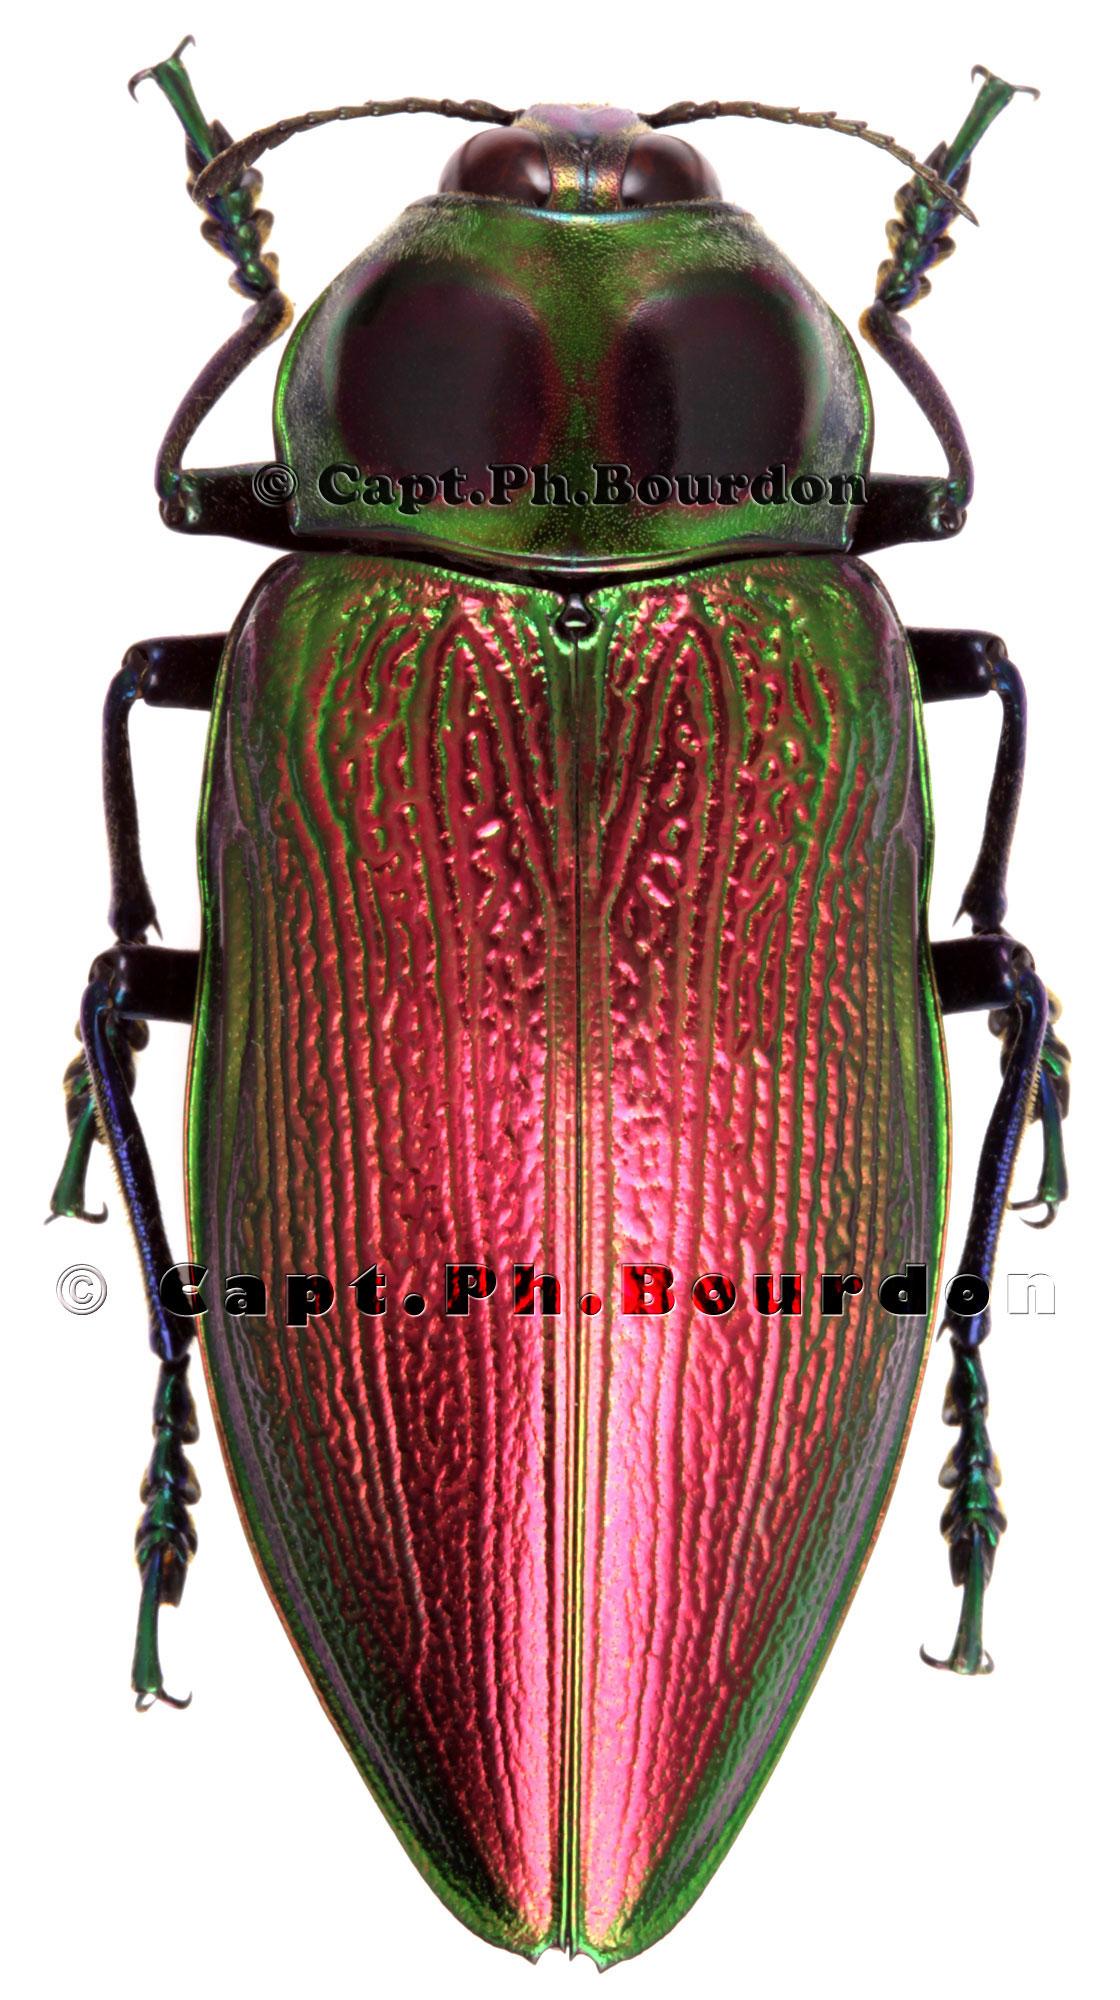 Euchroma gigantea beetle photo